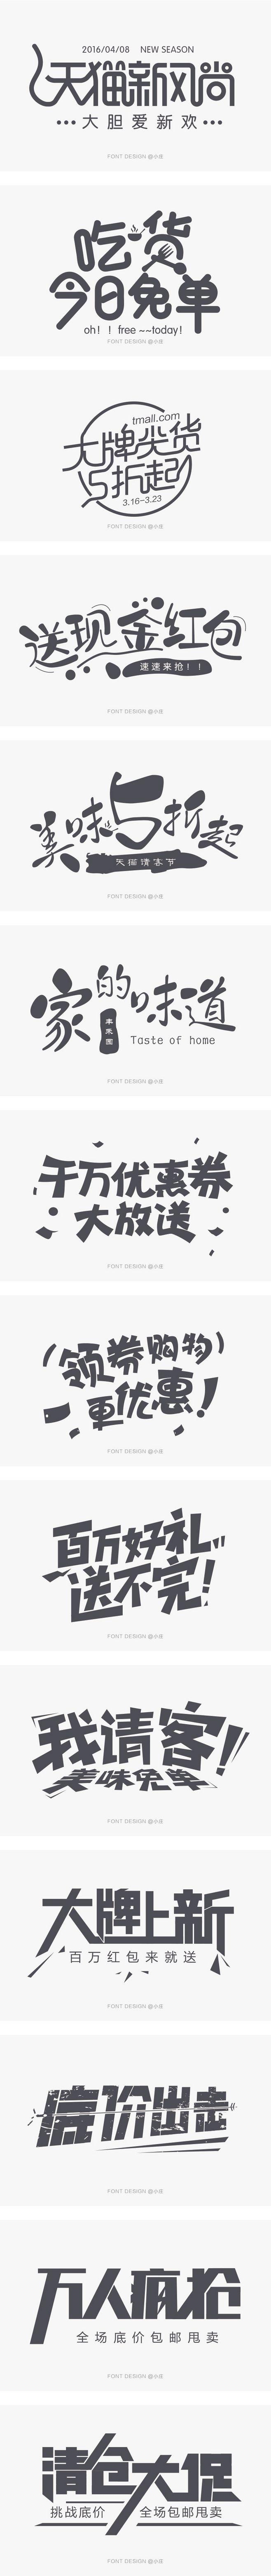 淘宝天猫促销活动海报专题页面字体设计 电...